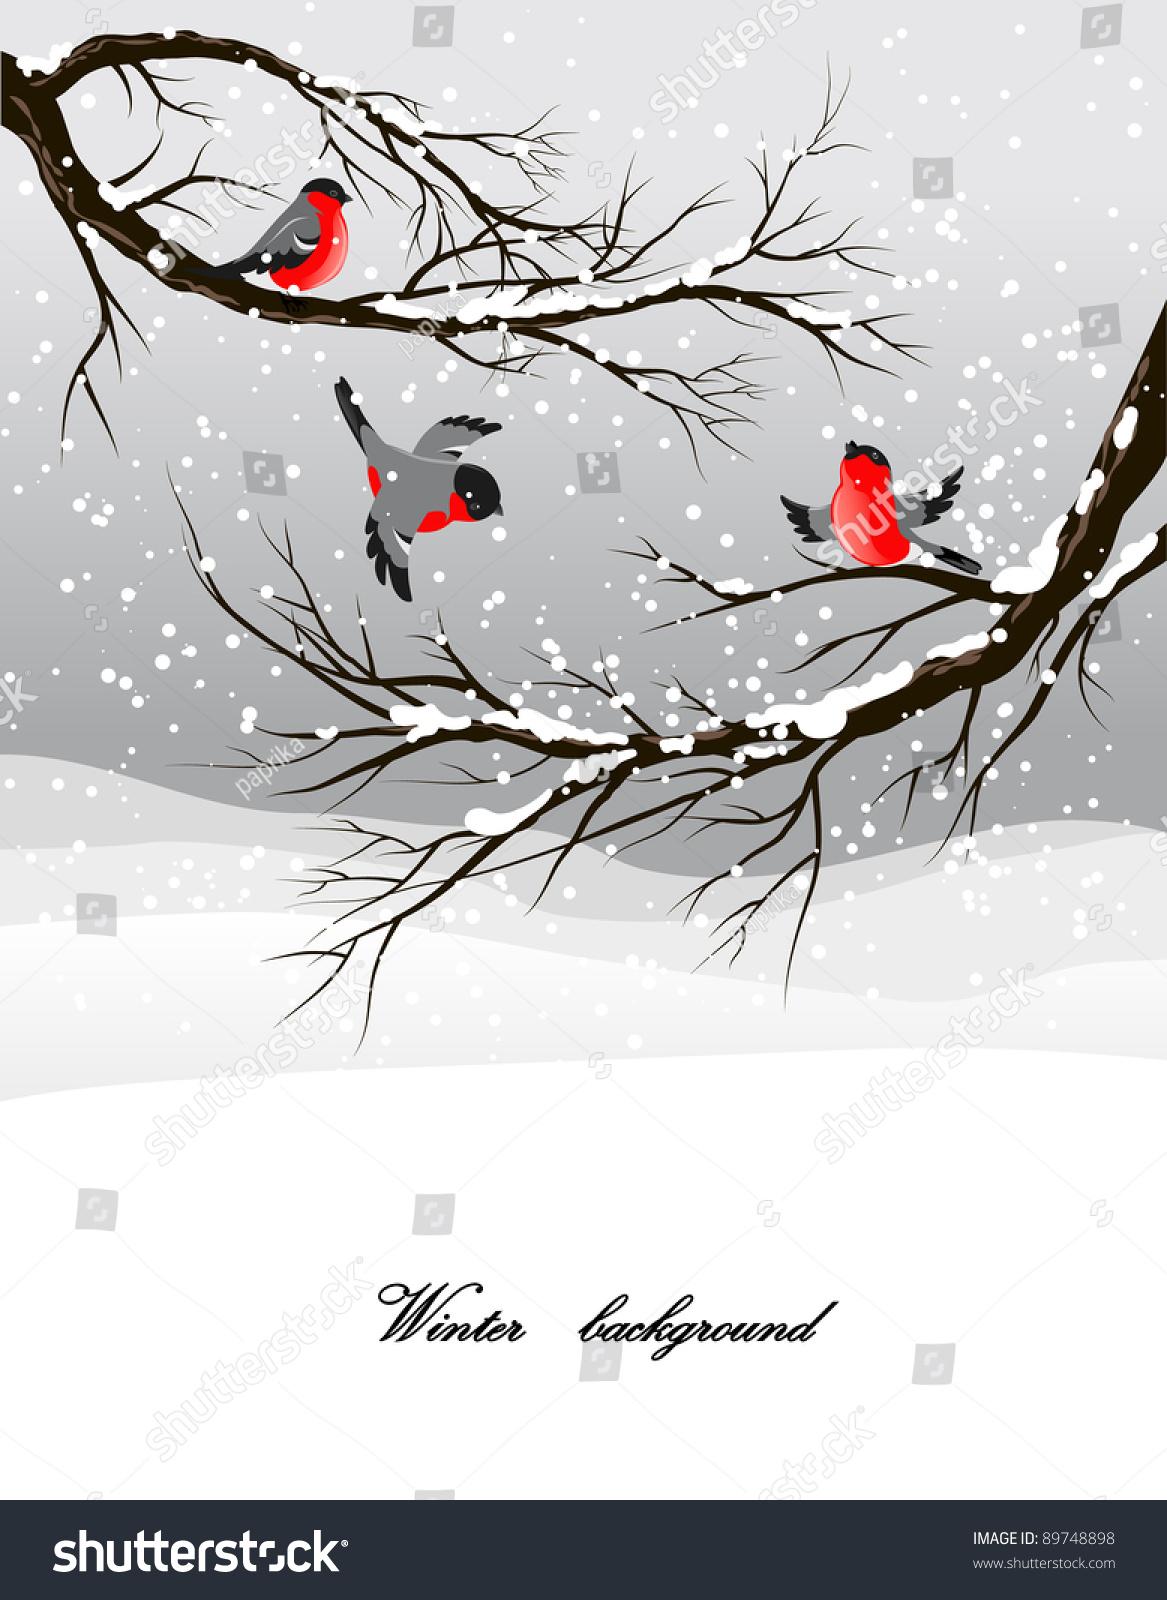 冬天的背景与红腹灰雀-公园/户外,自然-海洛创意()-合